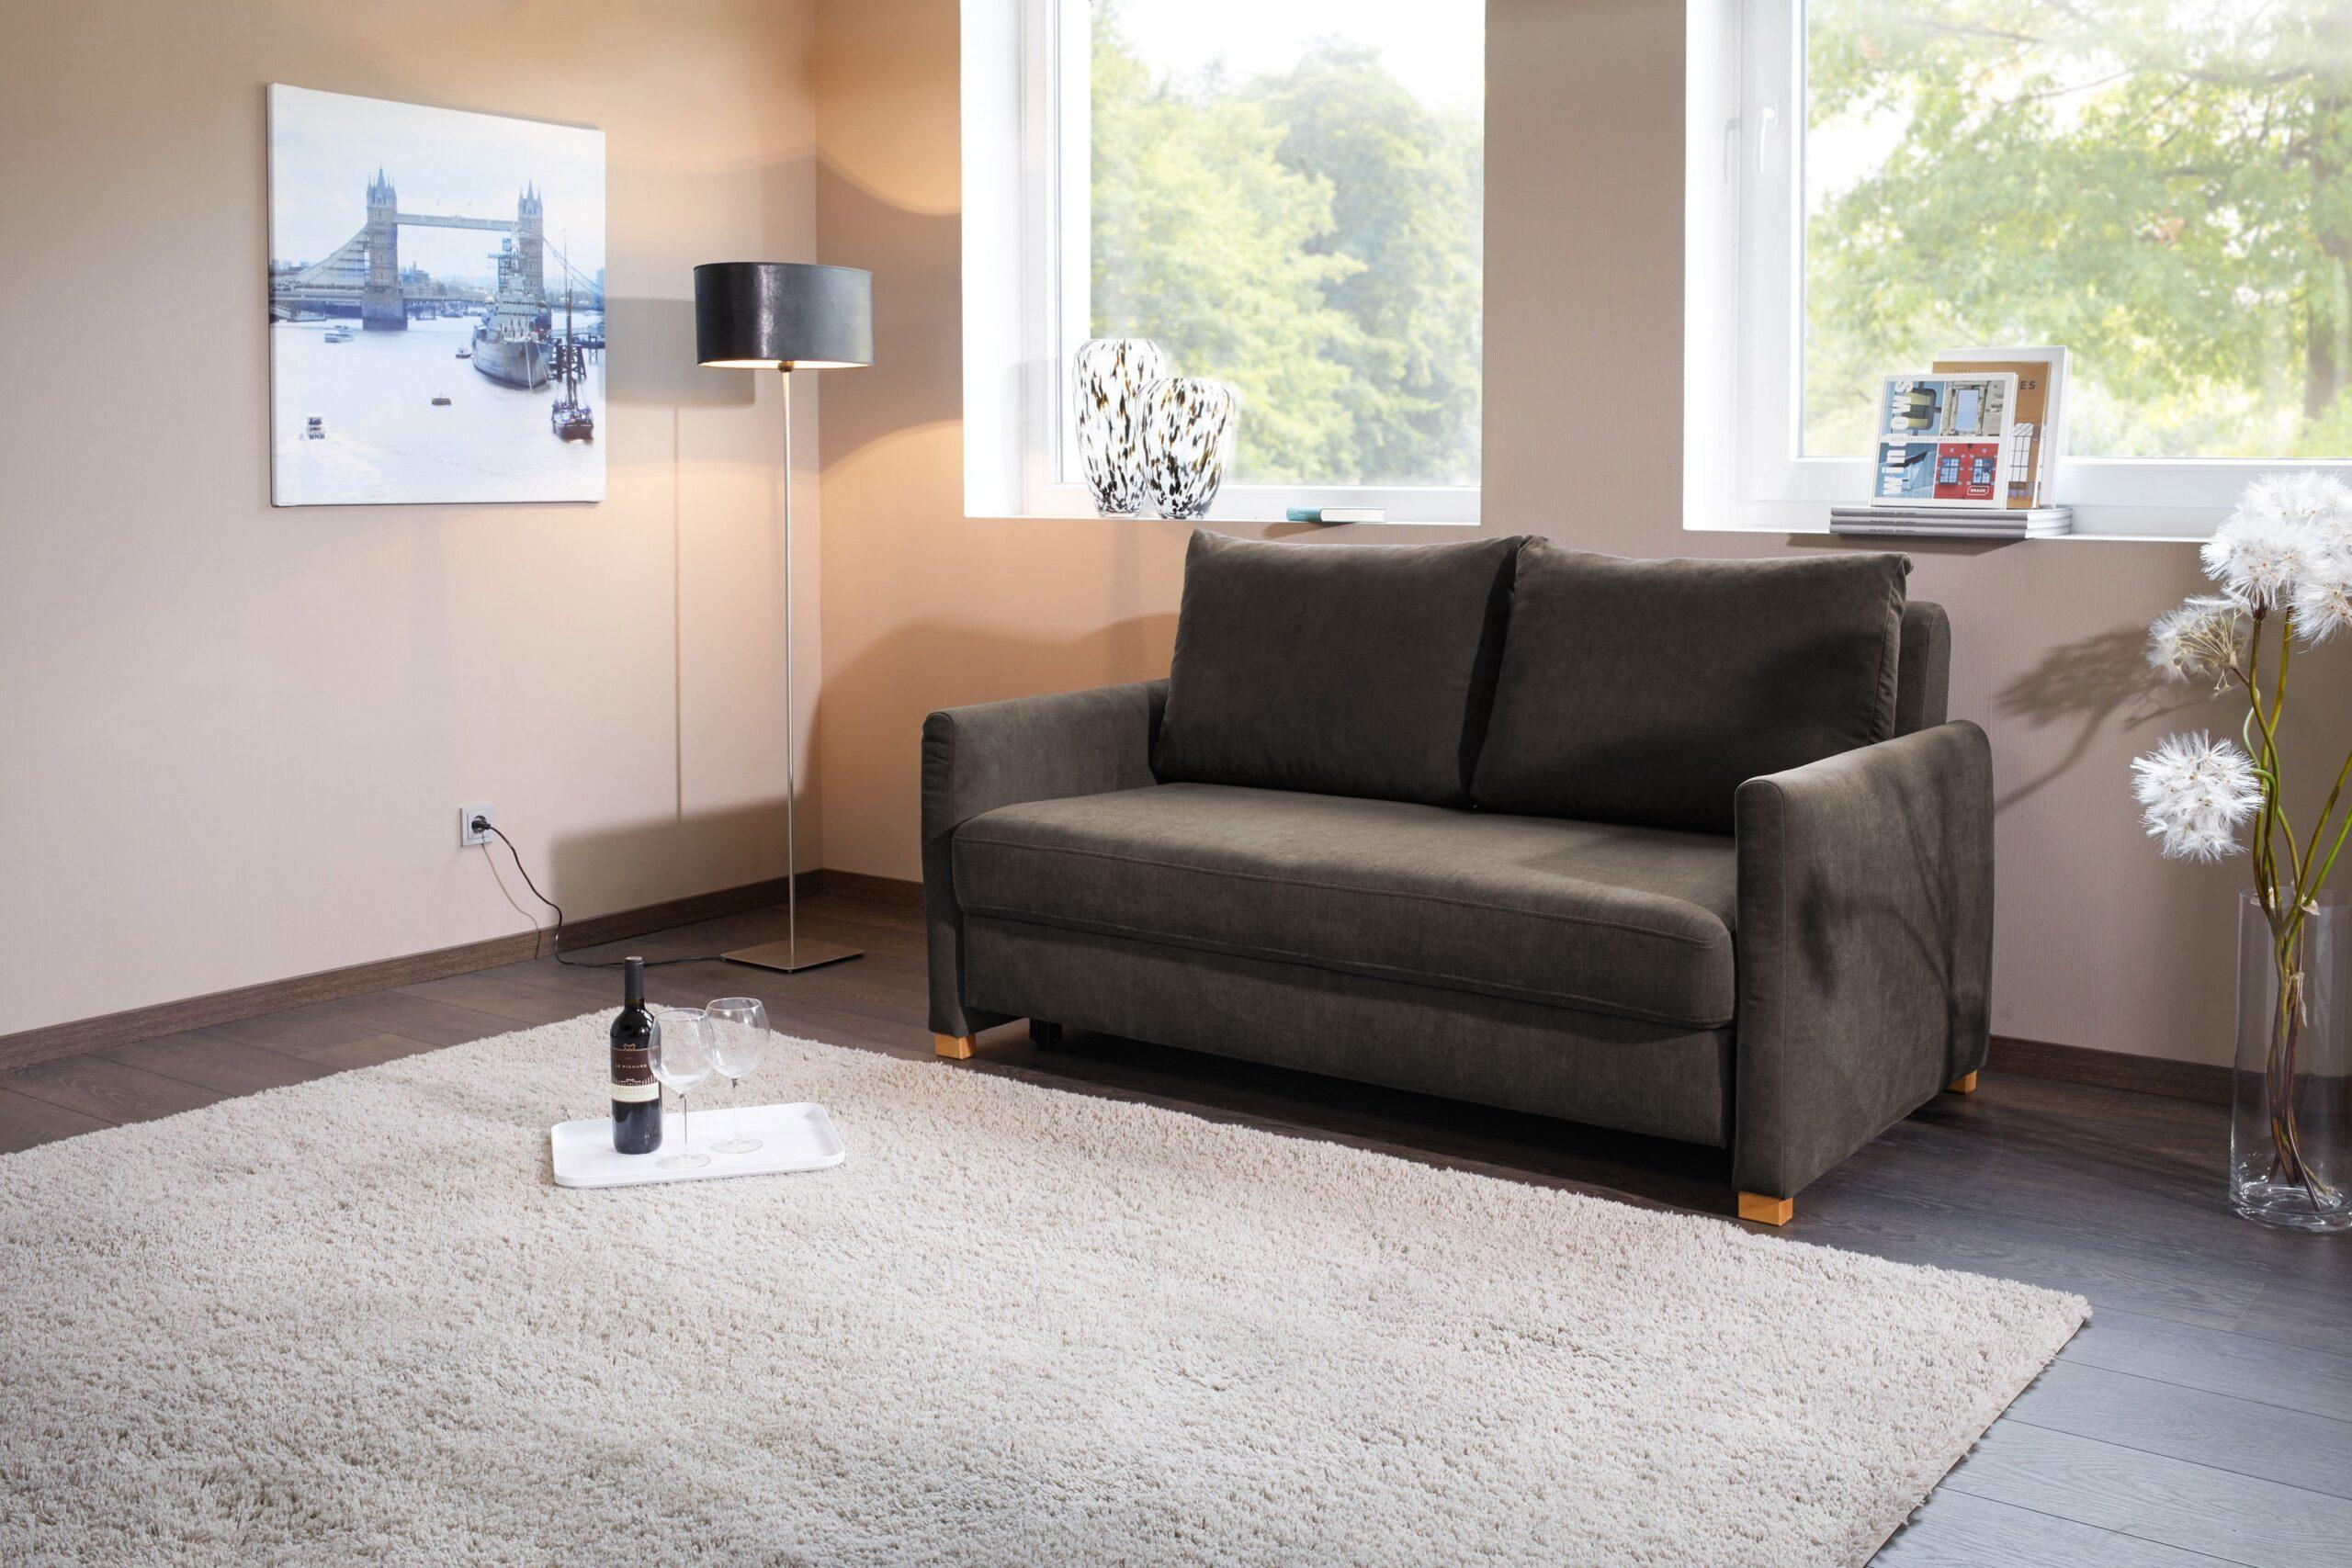 Full Size of Nobilia Alba Reposa Schlafsofa Polstermbel In Braun Mit Bettkasten Einbauküche Küche Wohnzimmer Nobilia Alba